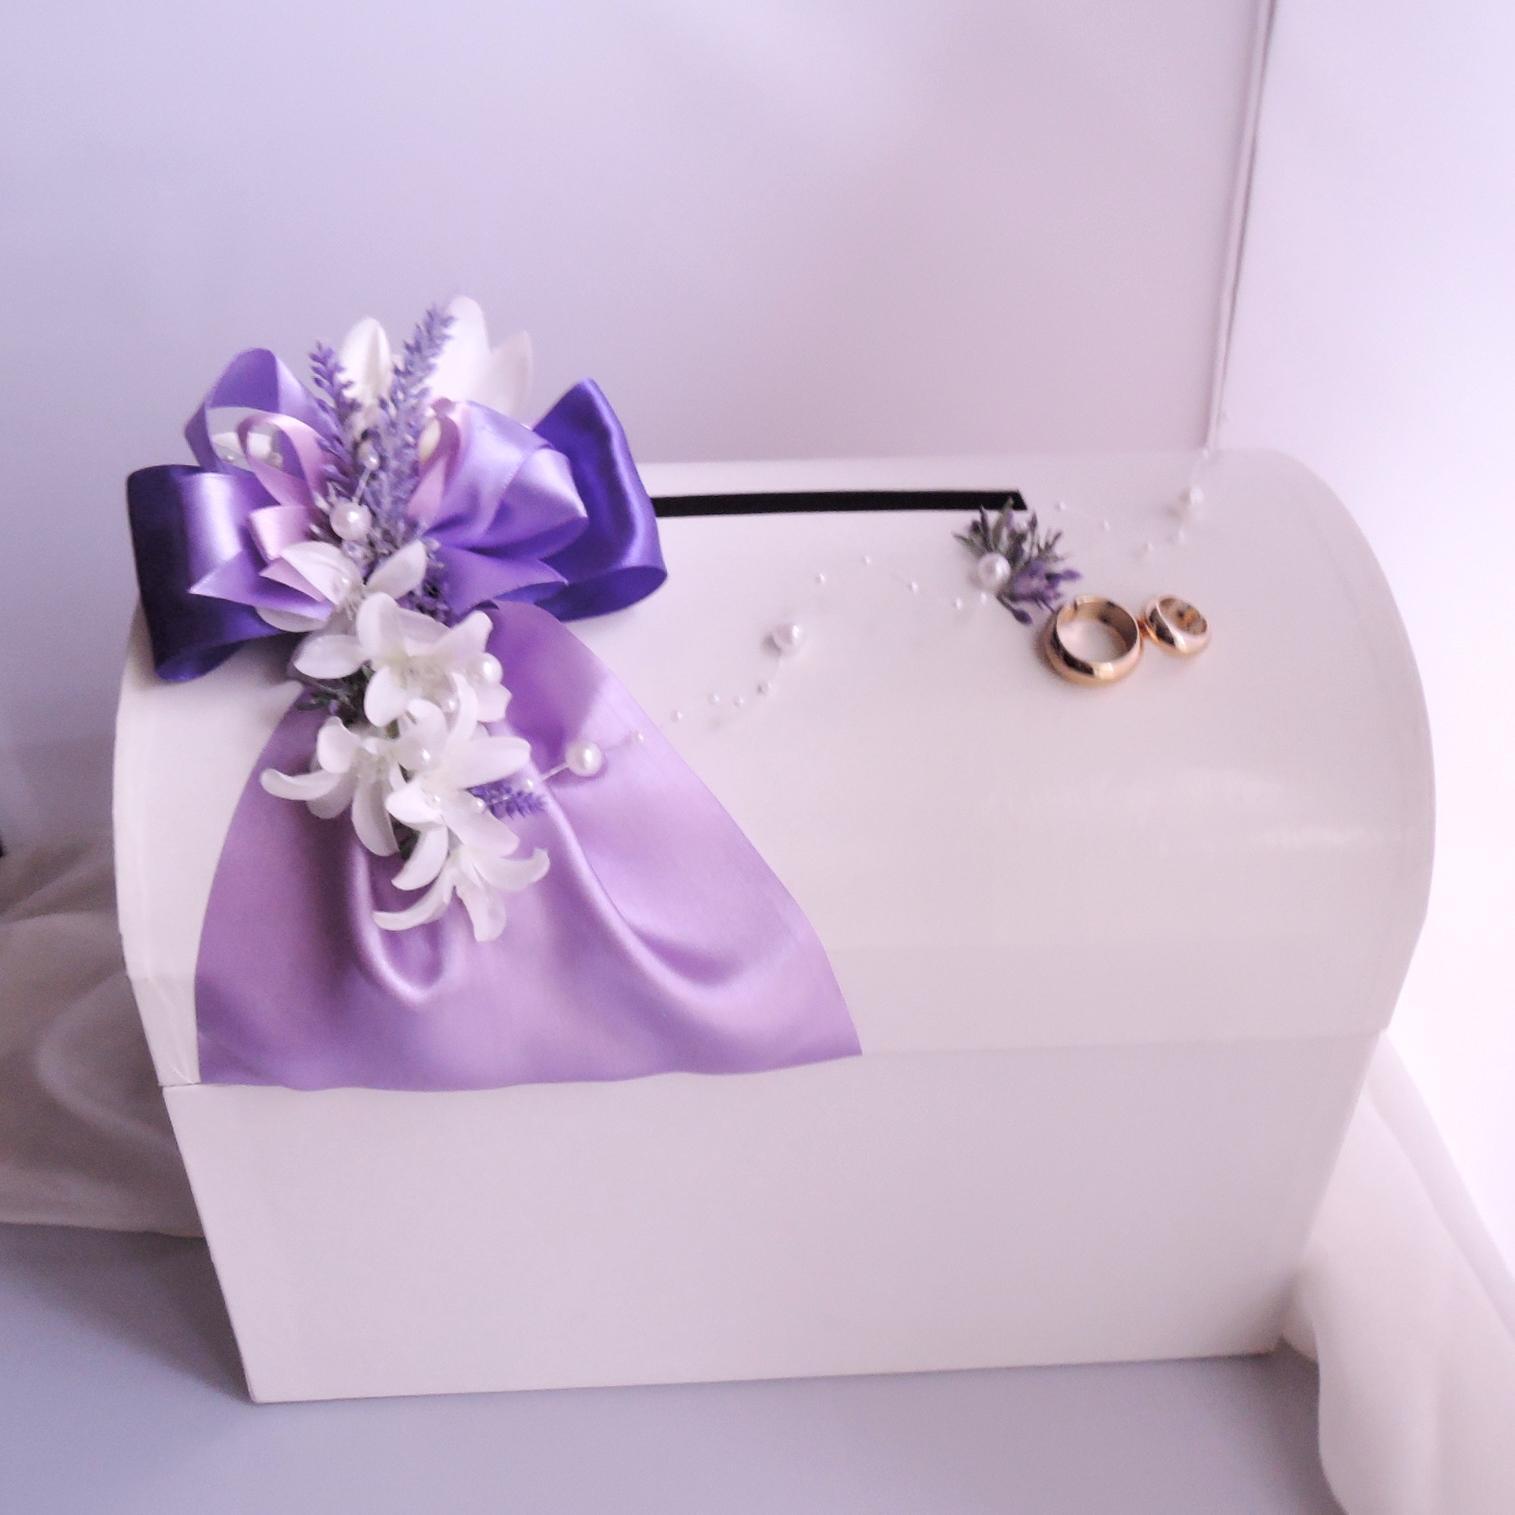 svatební pokladnička velká-levandulová - zapůjčení - Obrázek č. 3